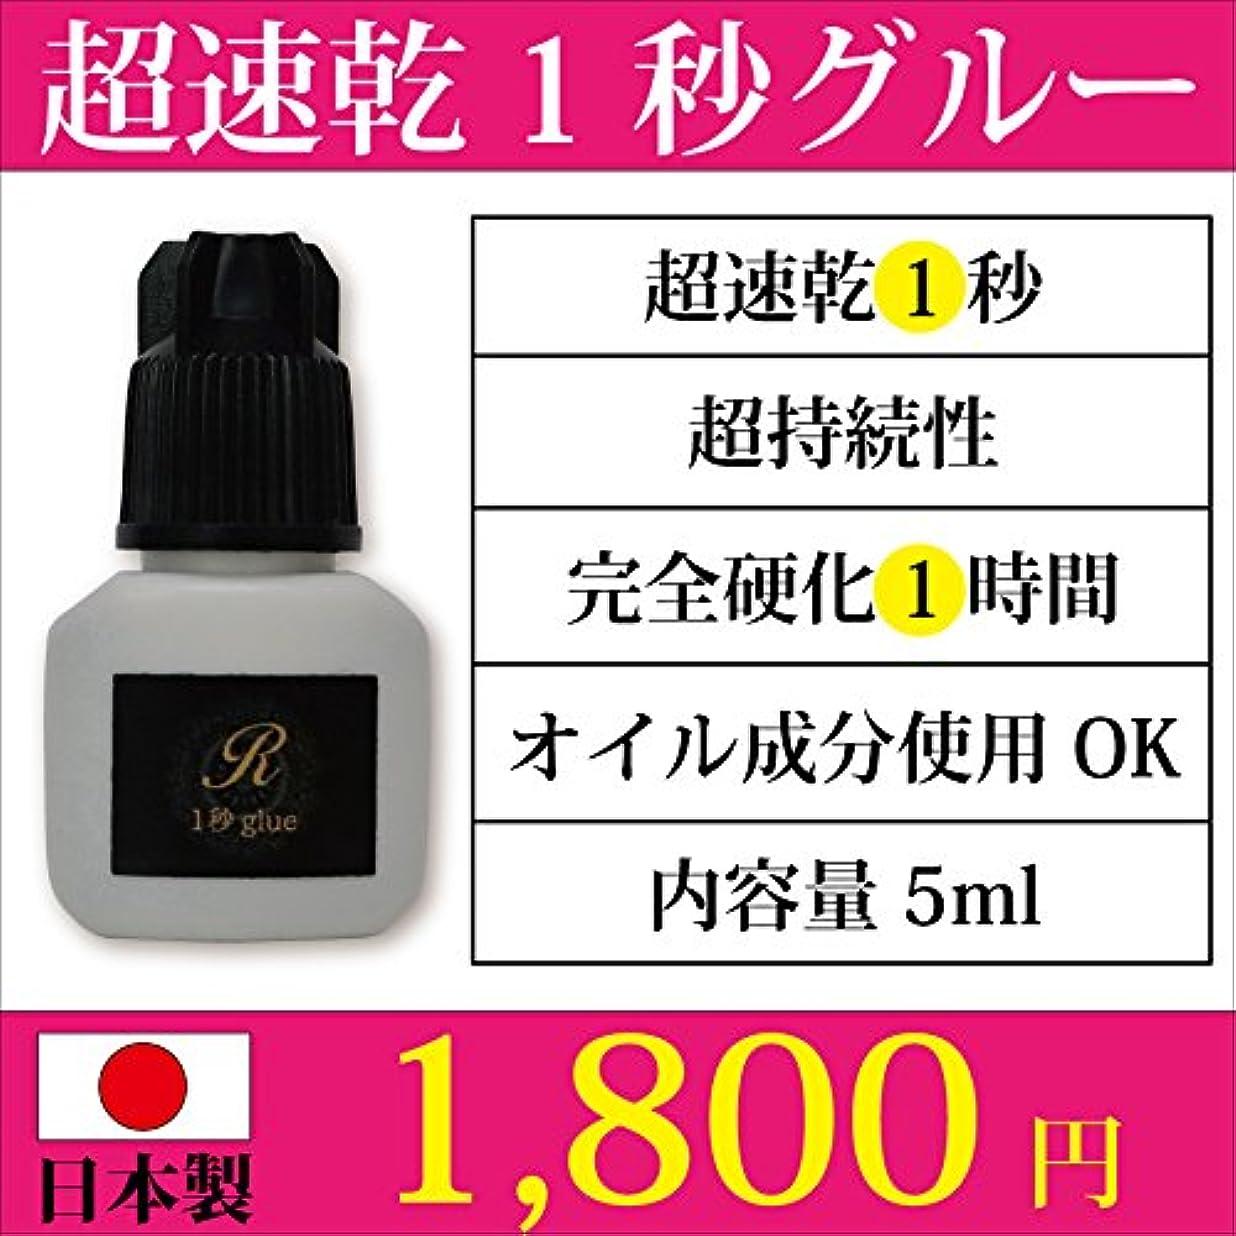 仕出します枯渇する謙虚日本製まつげエクステ超吸着1秒グルー 5ml【超速乾】【まつげエクステ】